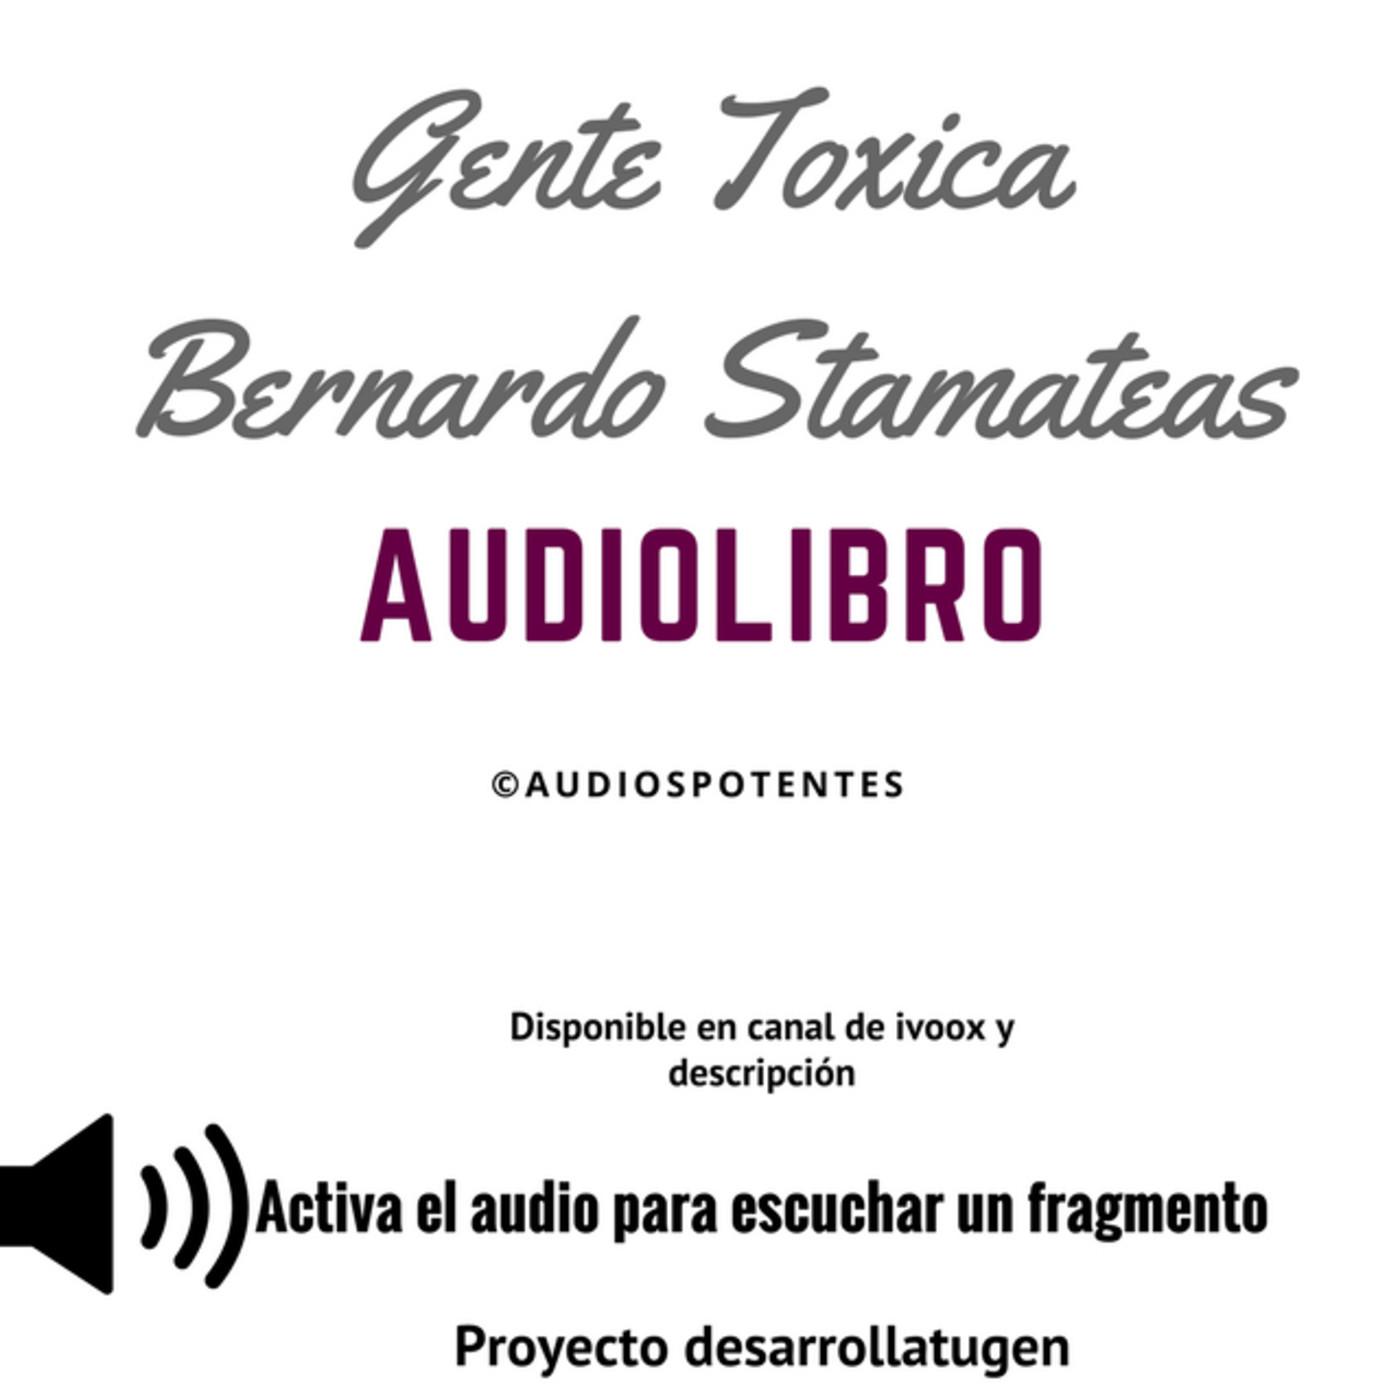 Gente Toxica Bernardo Stamateas Audiolibro En